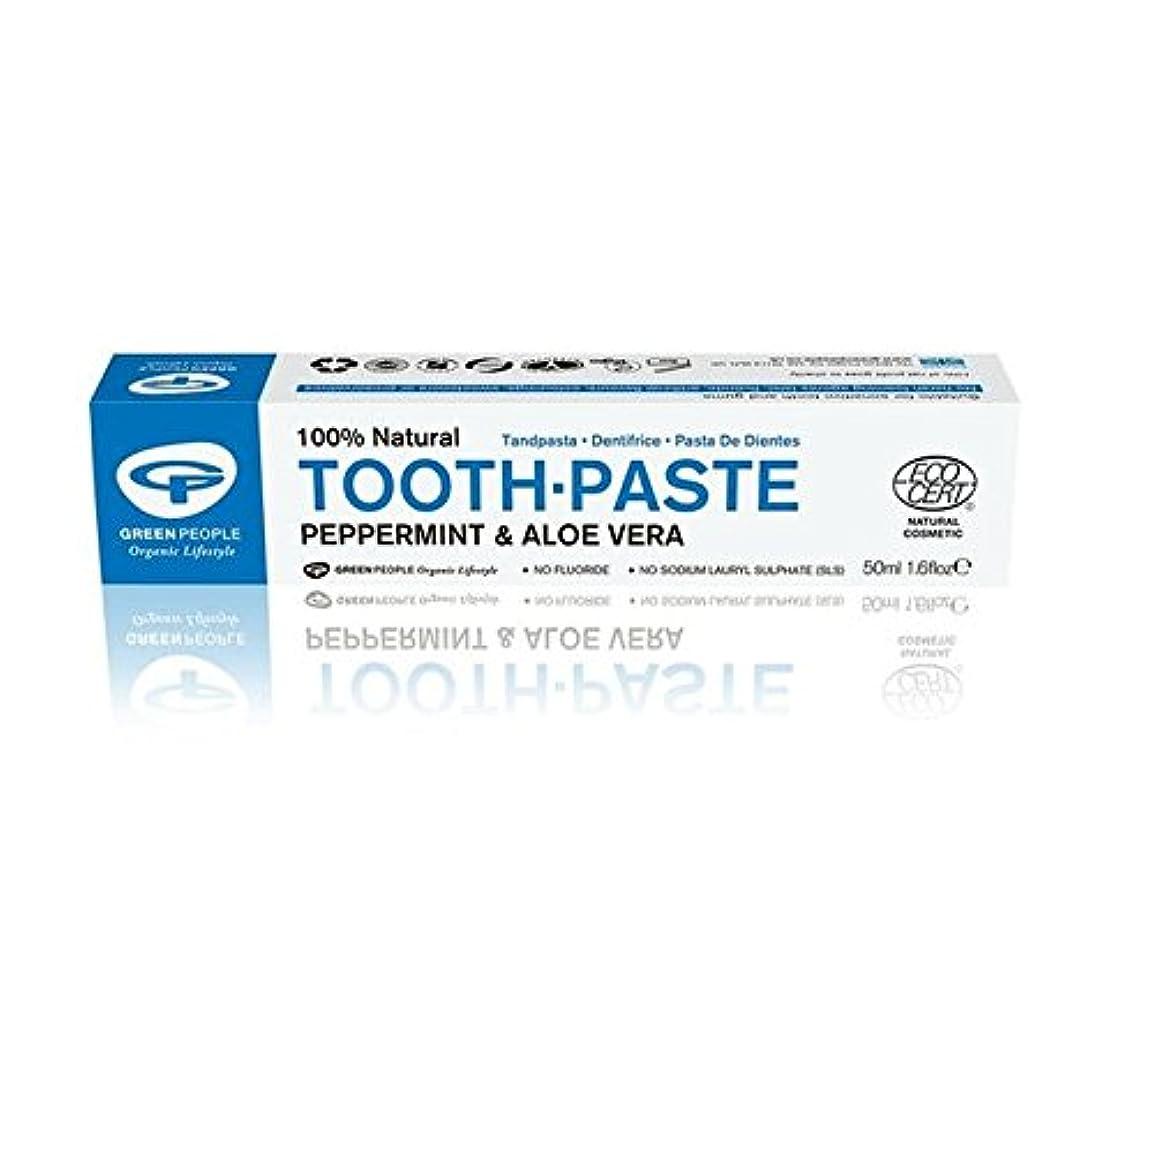 差別するゴネリルジャンクション緑の人々の自然ミント歯磨き粉50ミリリットル x2 - Green People Natural Mint Toothpaste 50ml (Pack of 2) [並行輸入品]